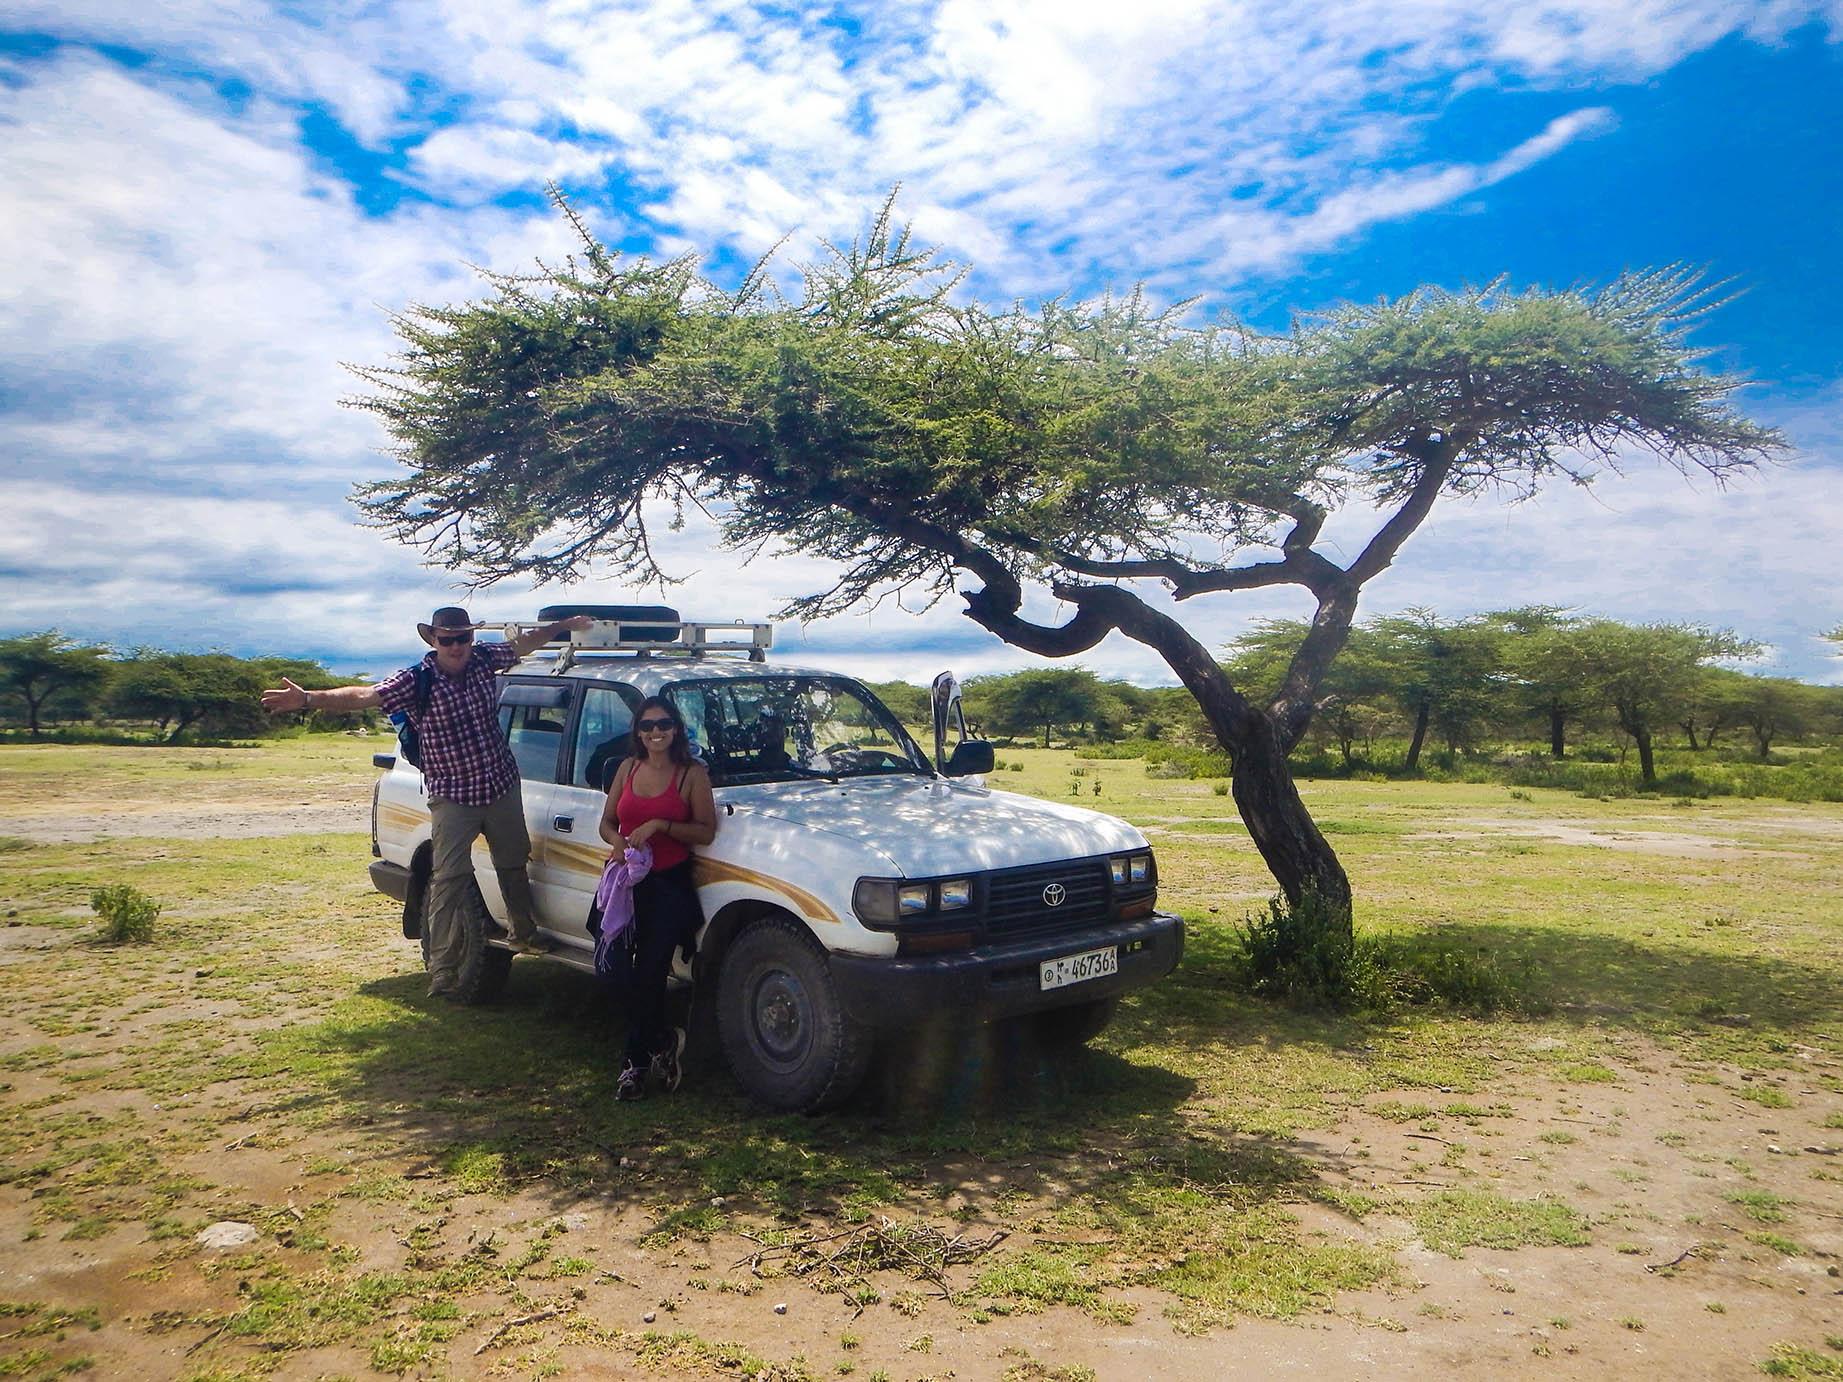 שמורת טבע בדרום אתיופיה